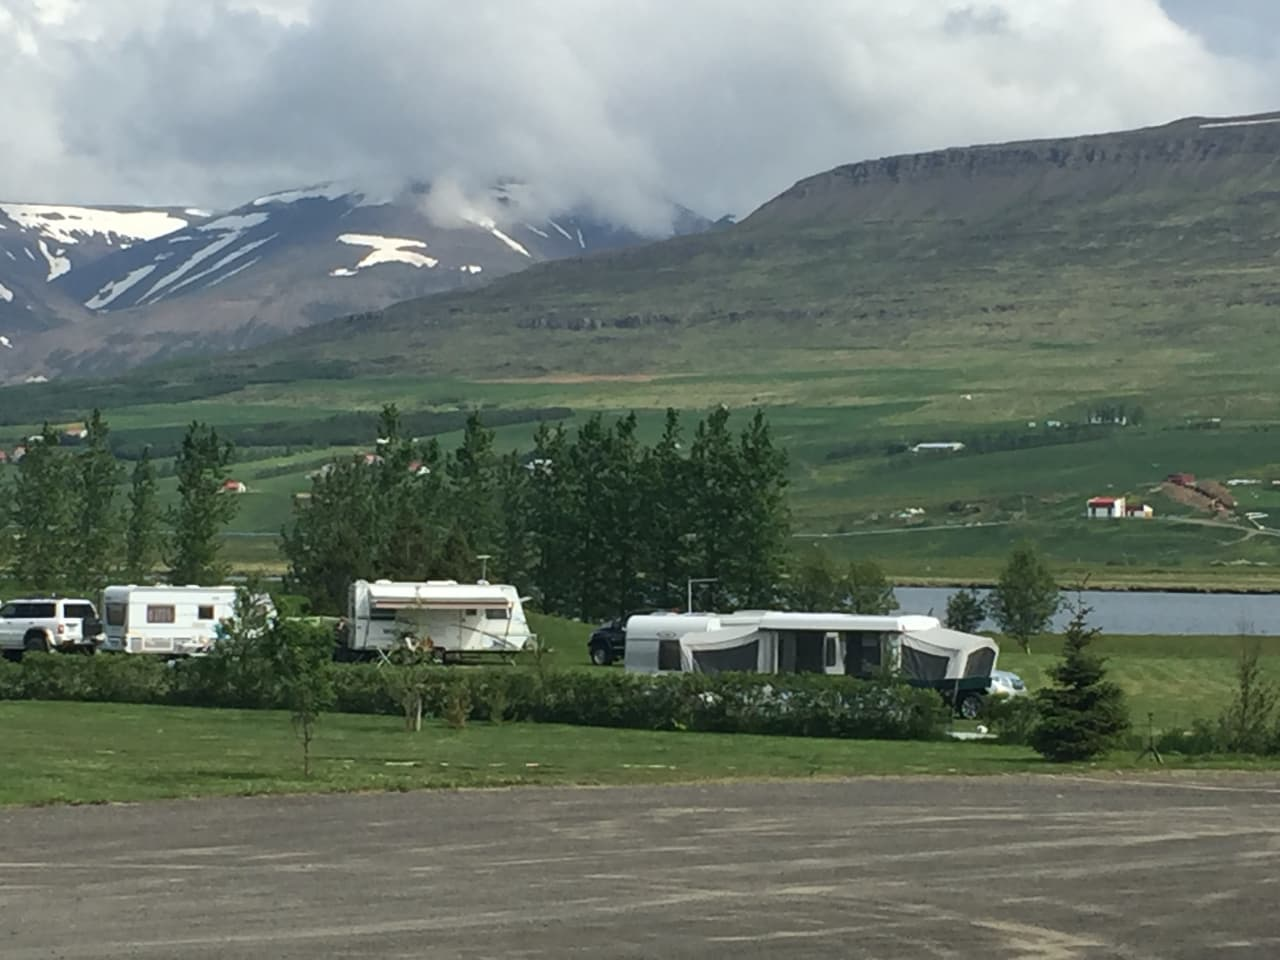 Hrafnagil Camping Site Visit North Iceland